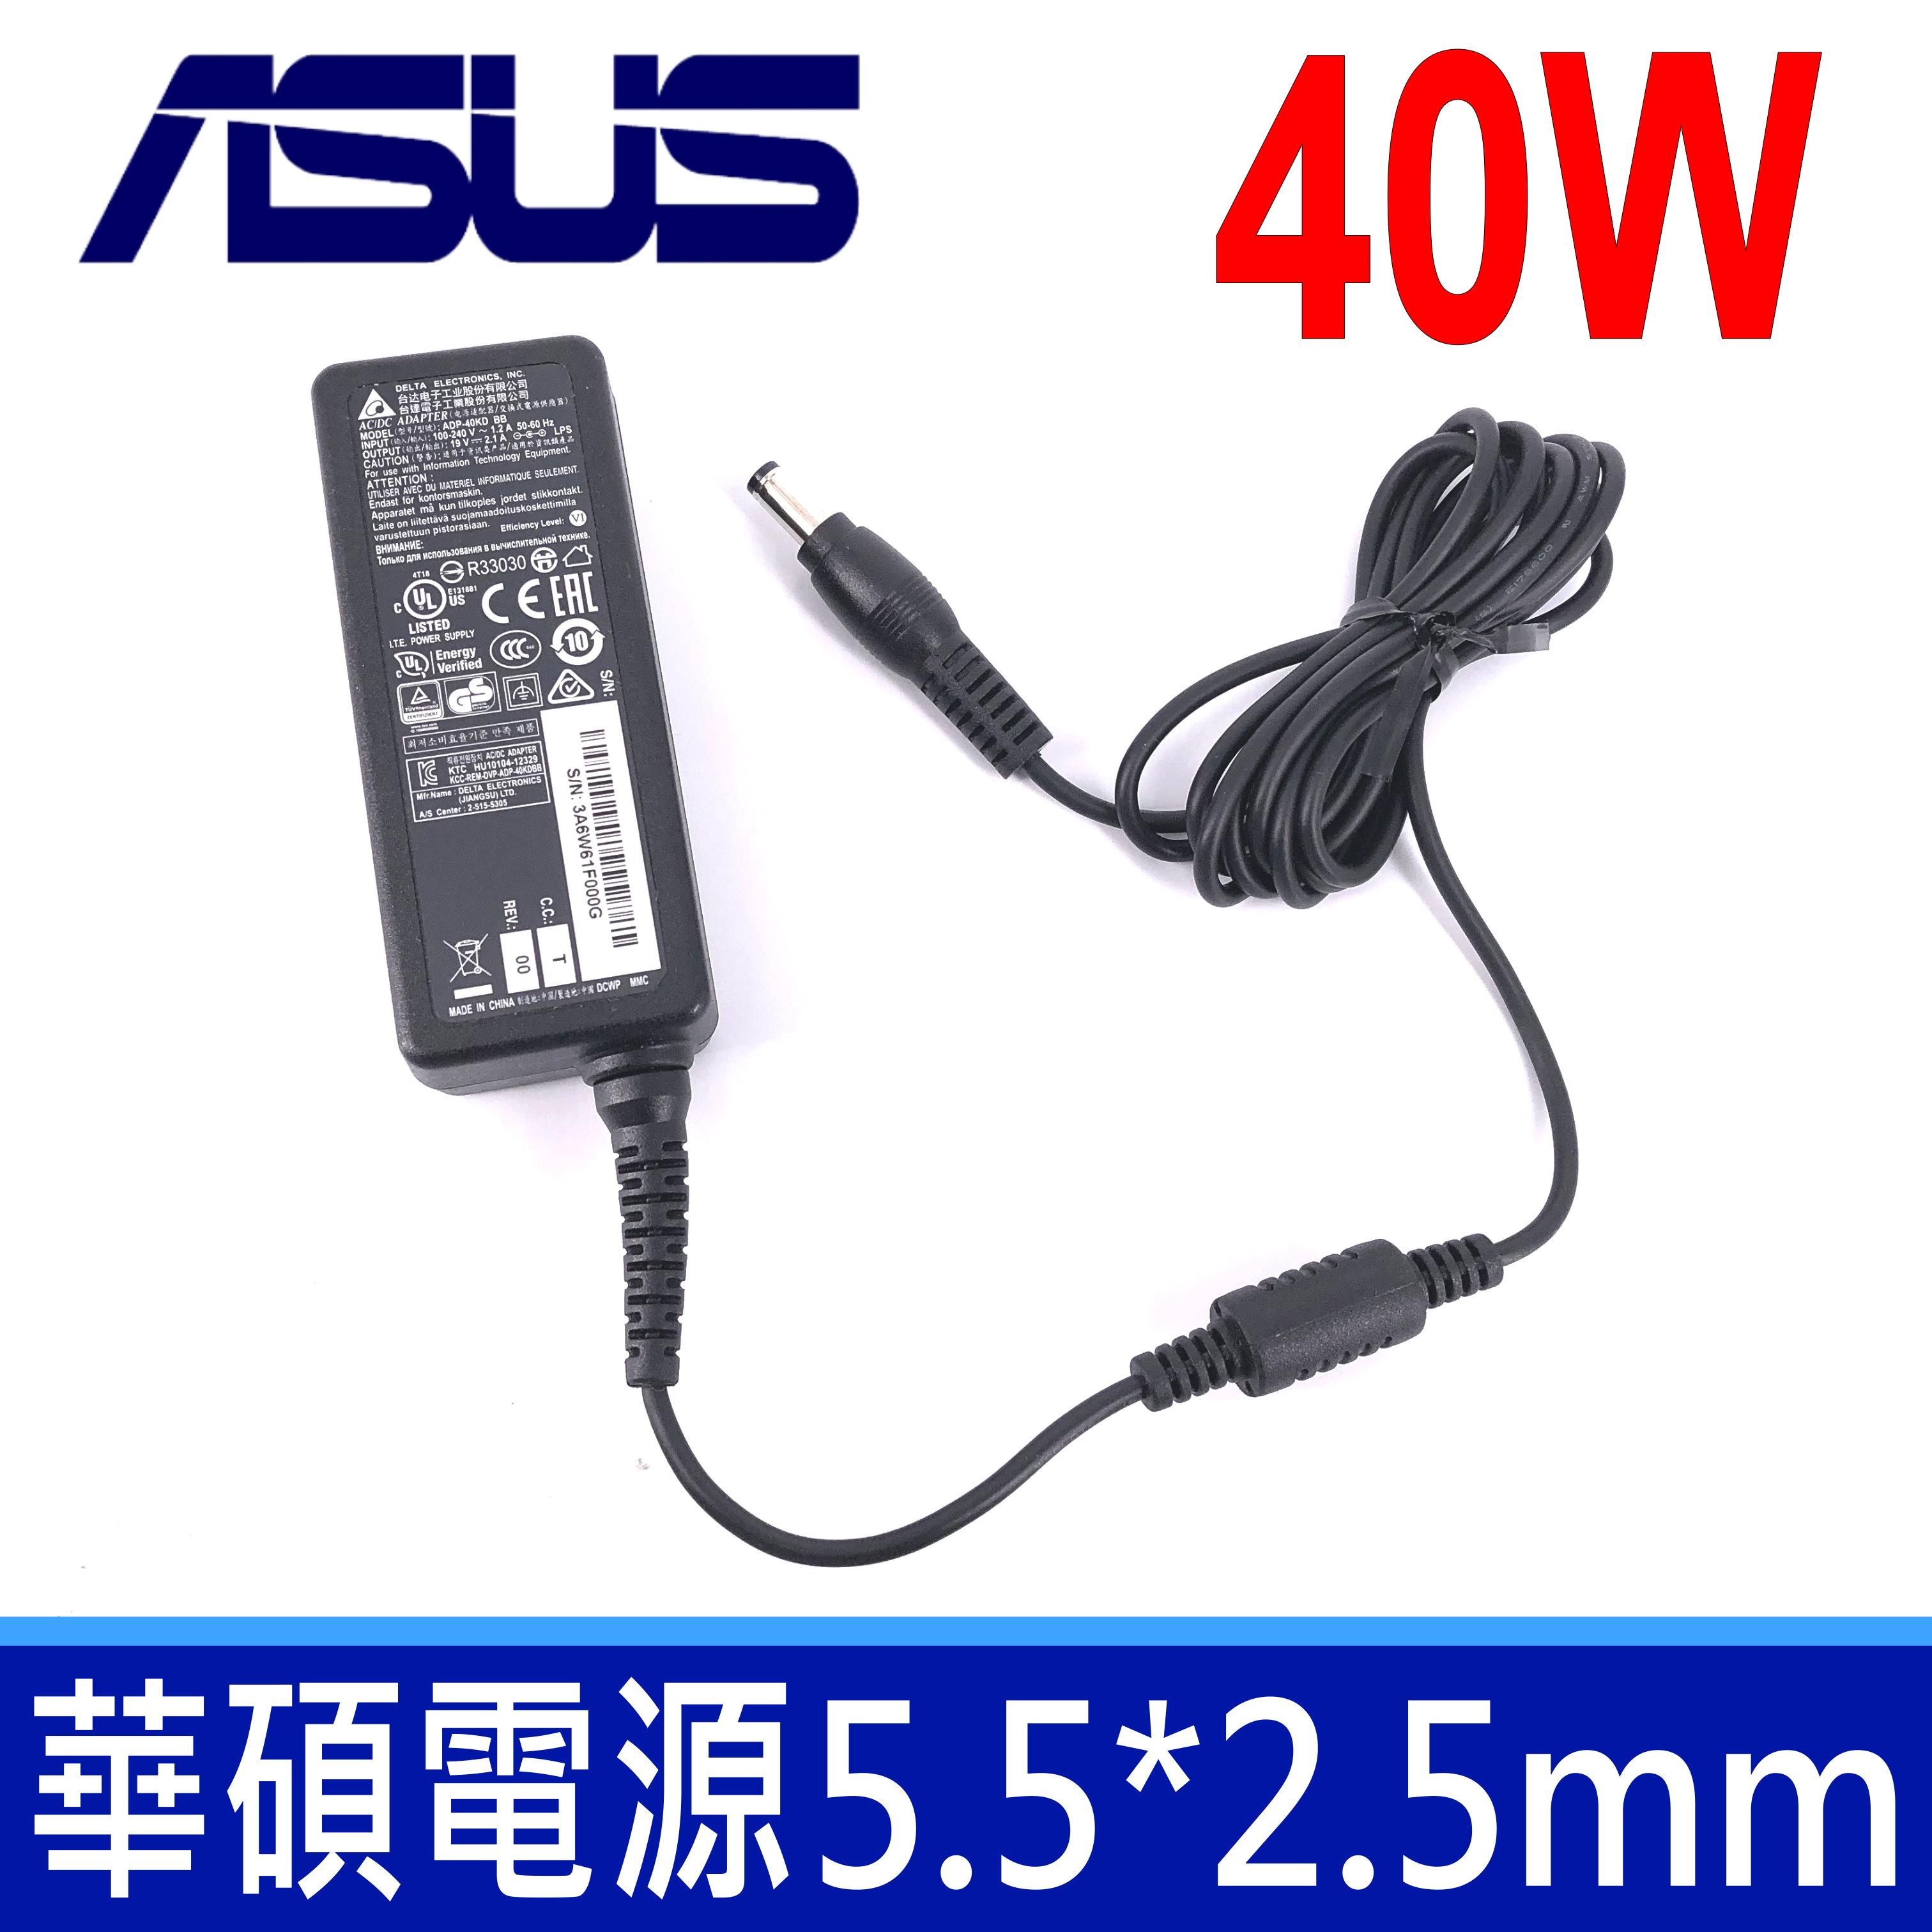 筆電達人 ASUS 華碩 40W 原廠規格 變壓器 LED LCD monitor VX207DE VX229H VX239H VX279H VX229 VX229H VC279 X23 2...